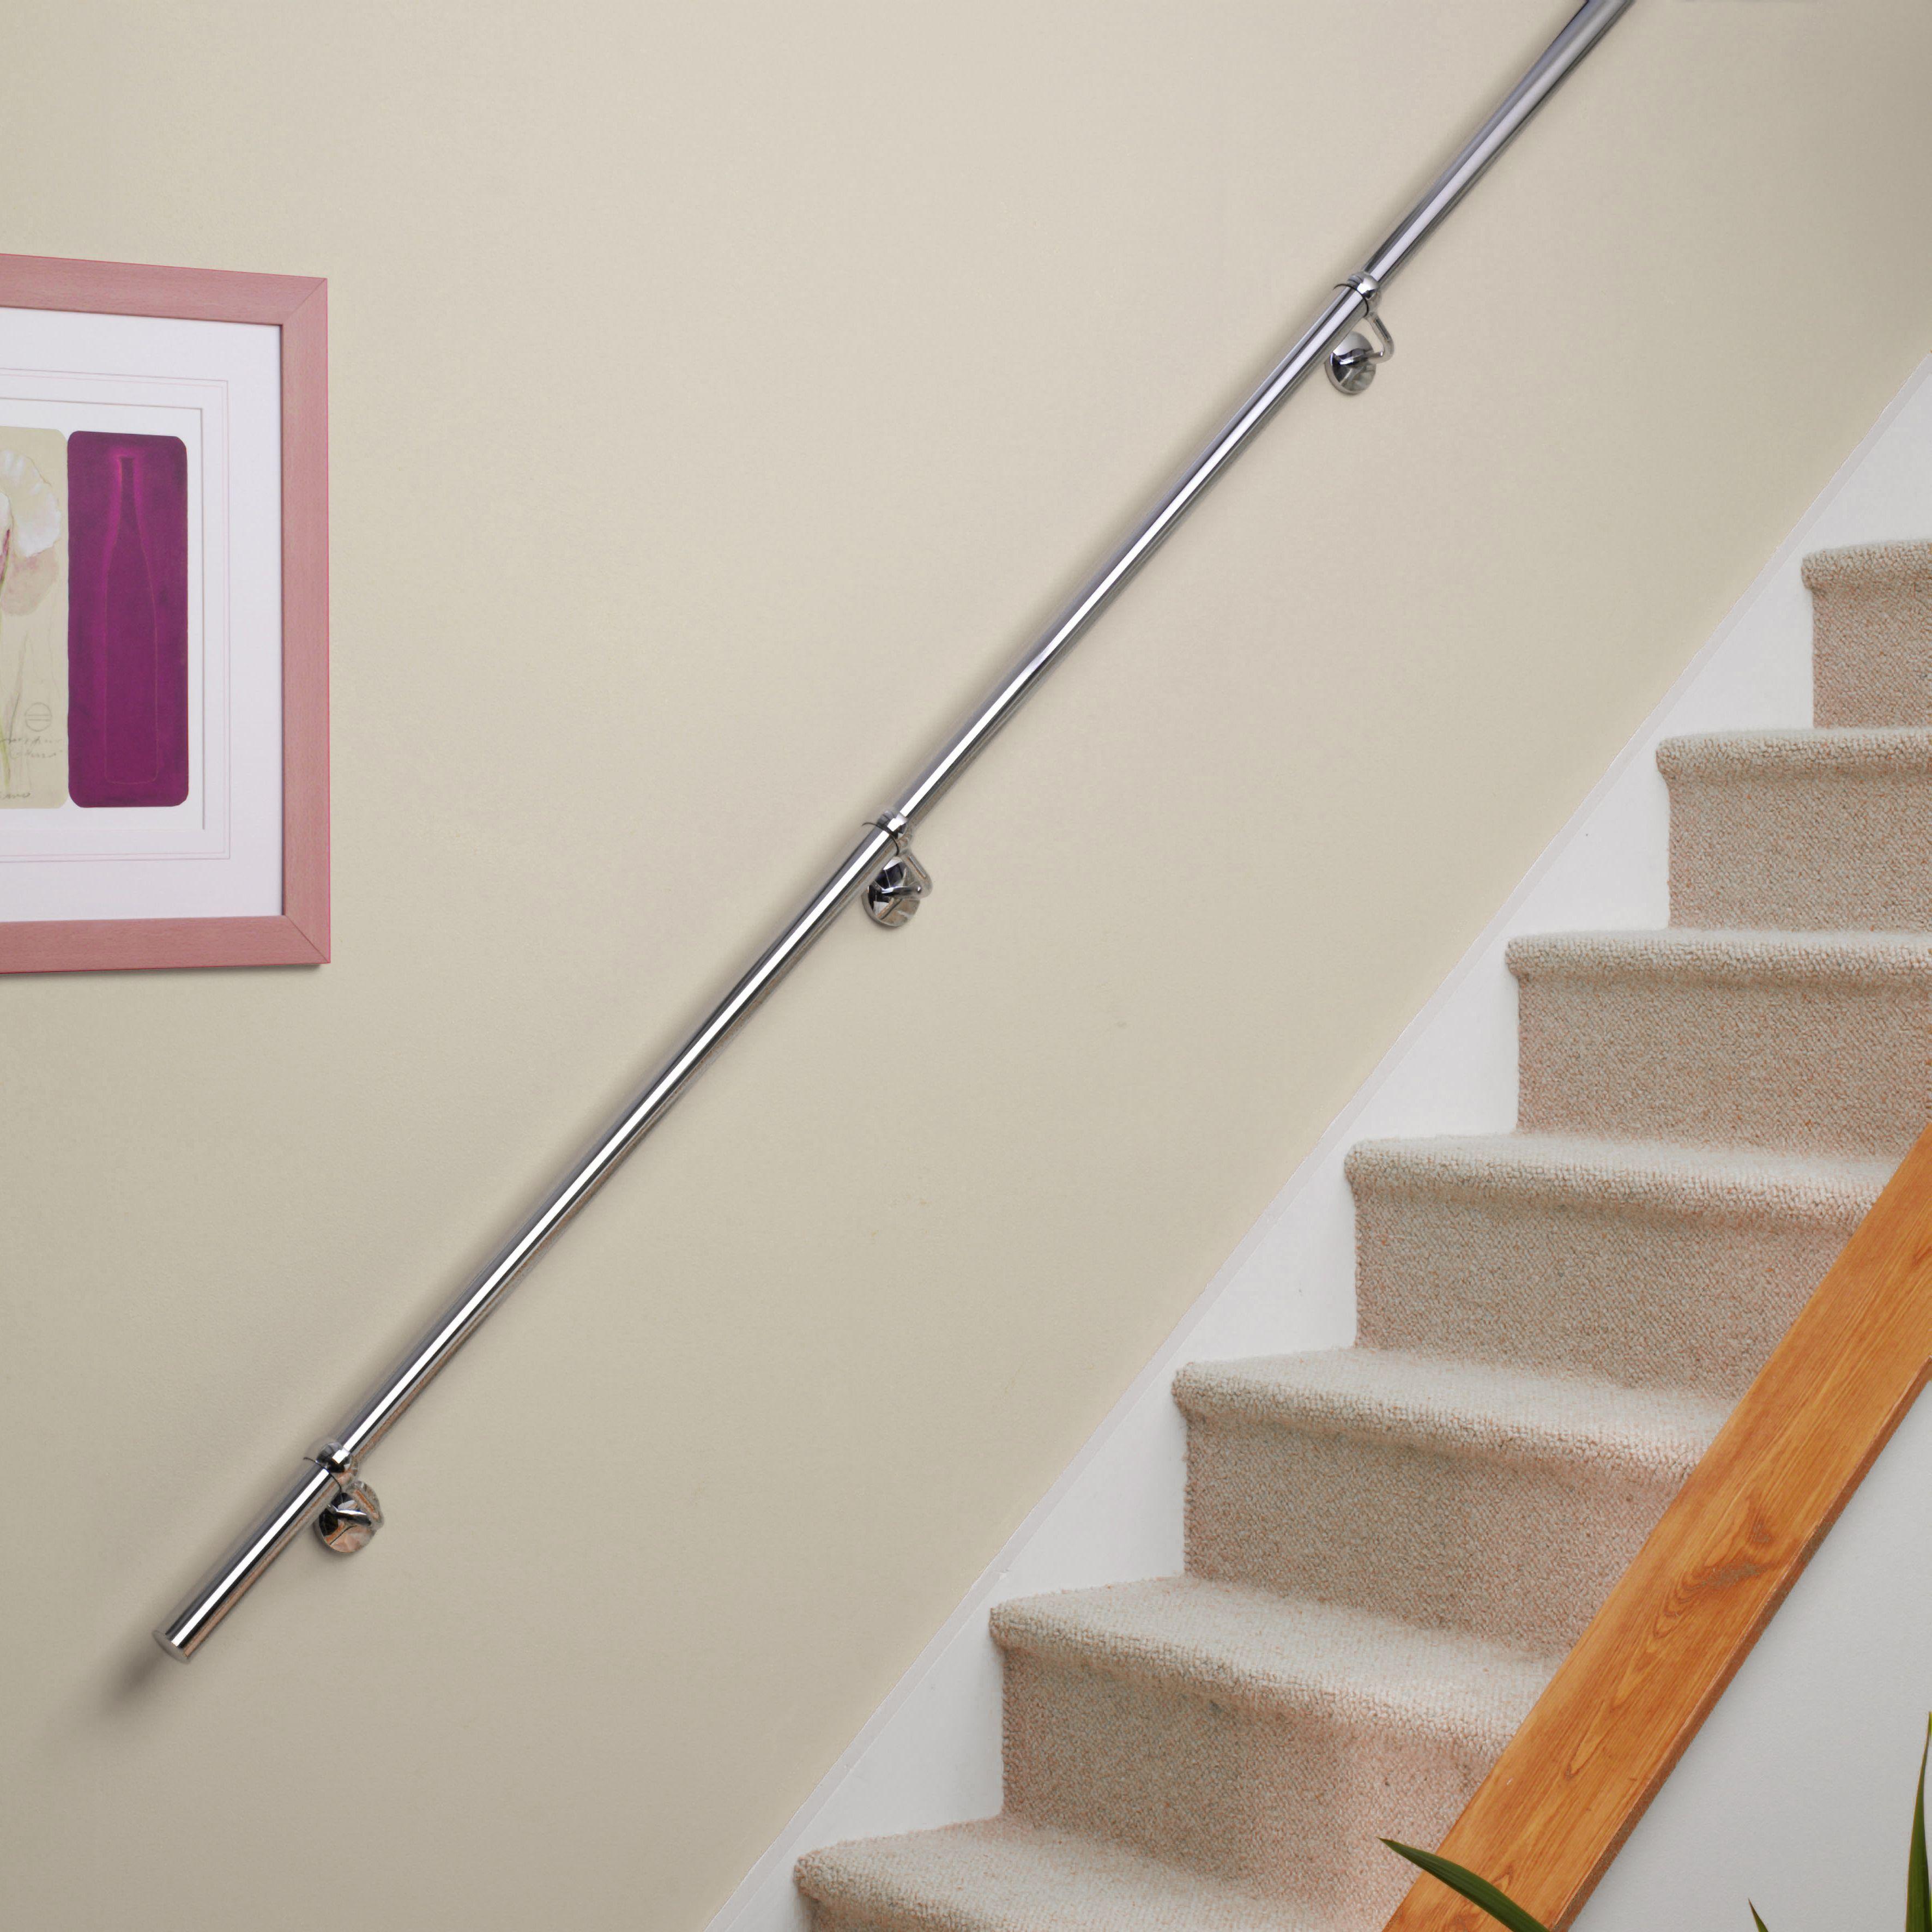 Stainless Steel Handrail Kit (L)3600mm